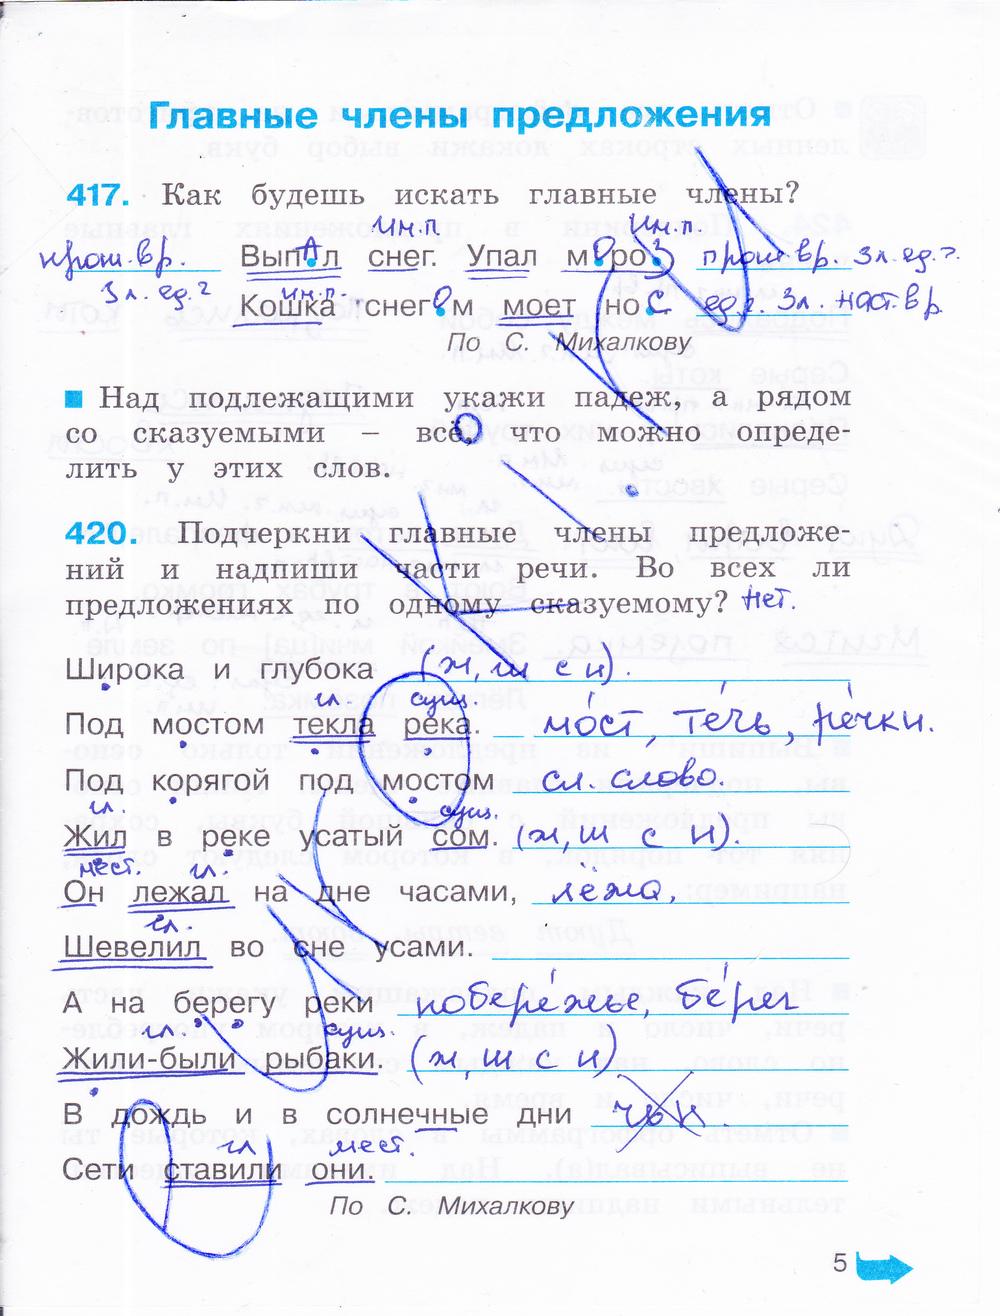 по часть гармония русскому 2 решебник 3 соловейчик класс